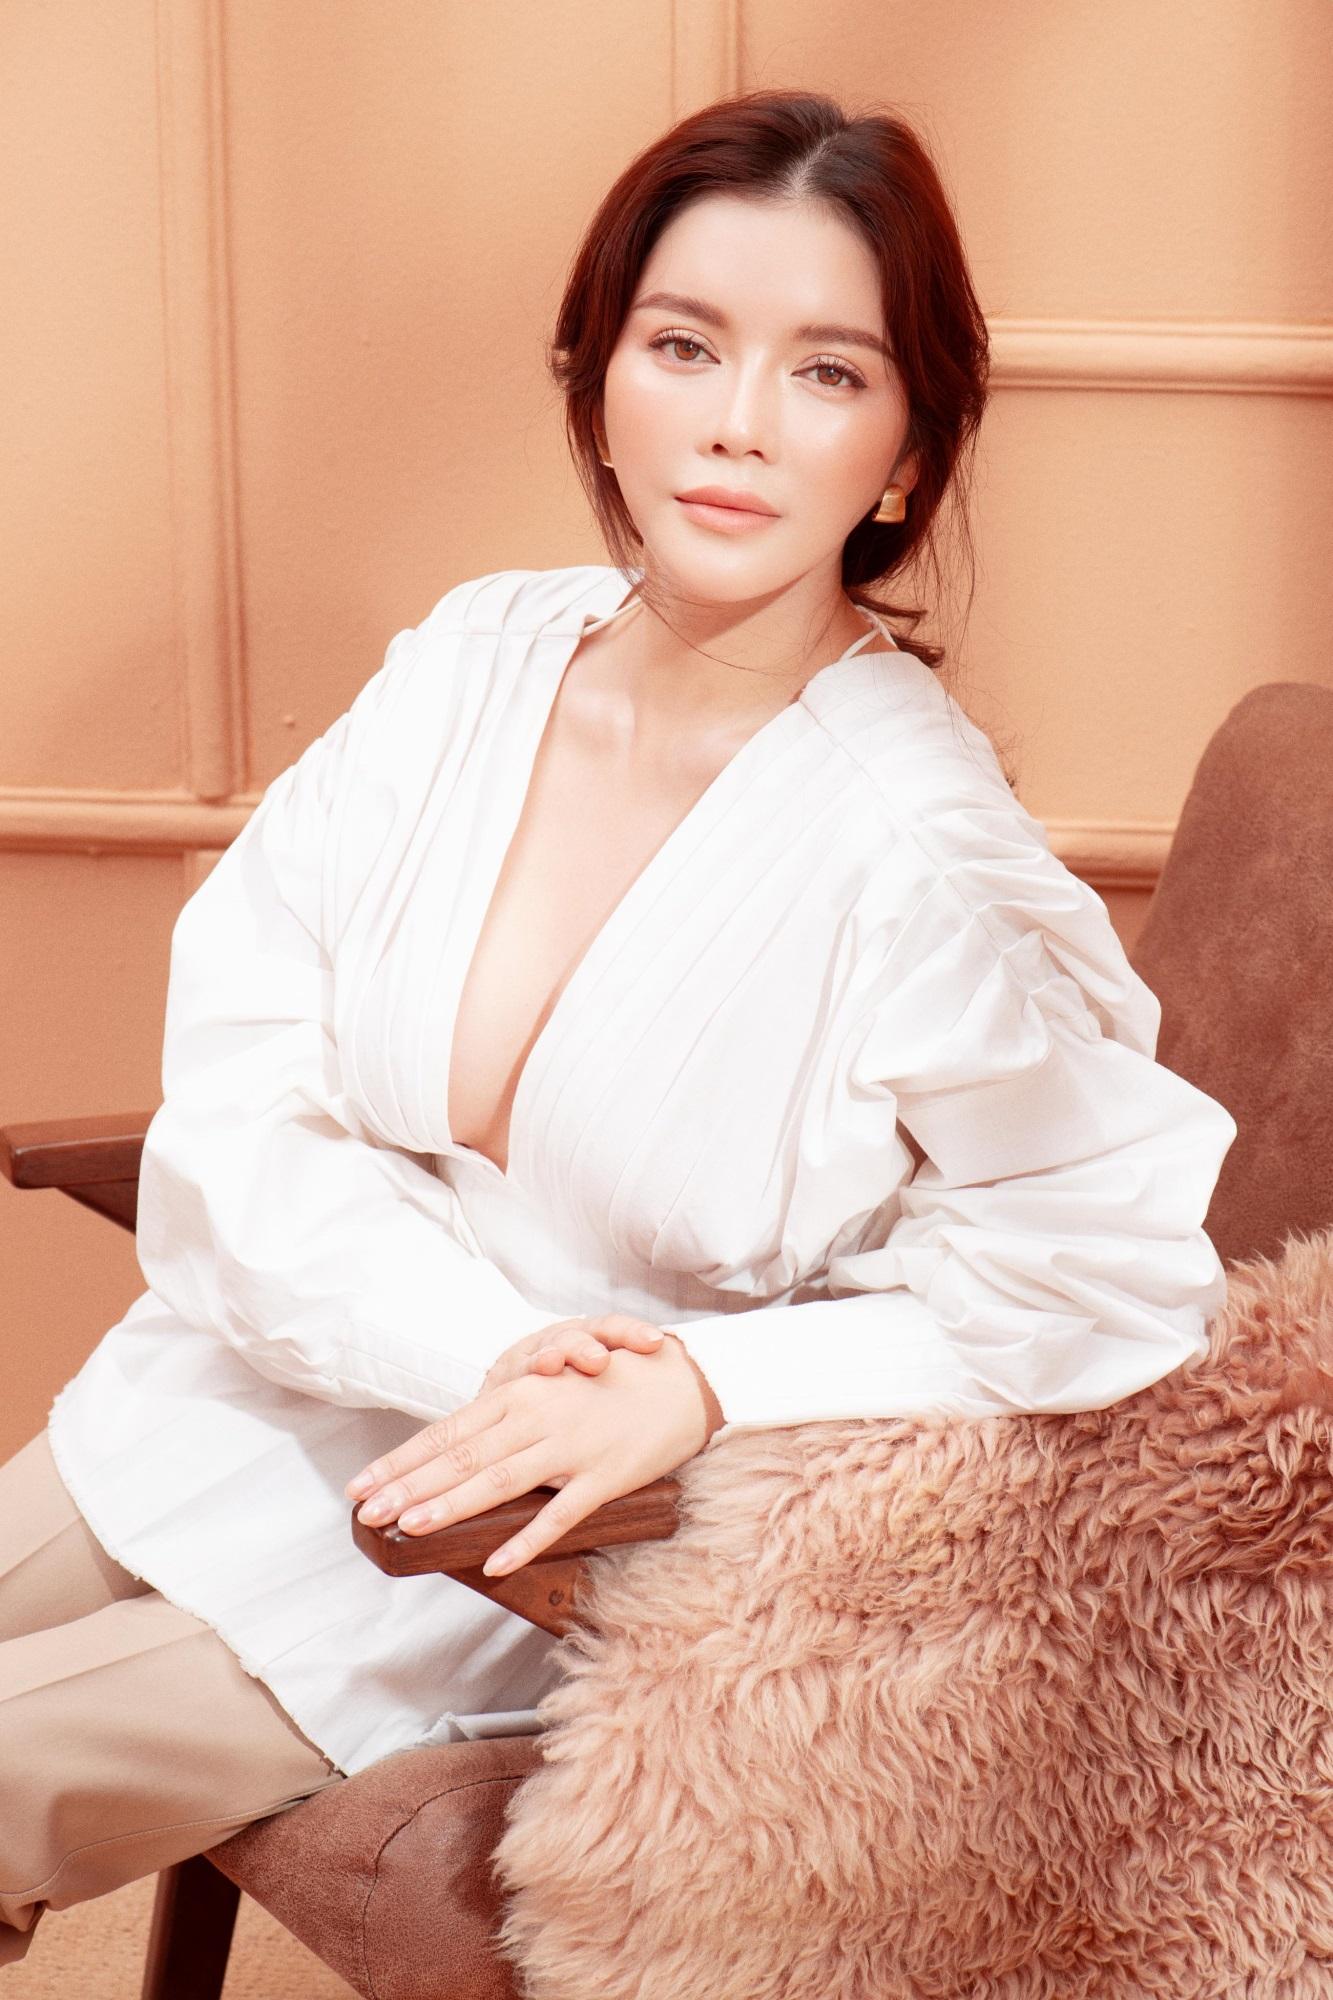 'Nữ hoàng kim cương' Lý Nhã Kỳ khiến fan mê mệt khi diện trang phục xẻ ngực gợi cảm - Ảnh 8